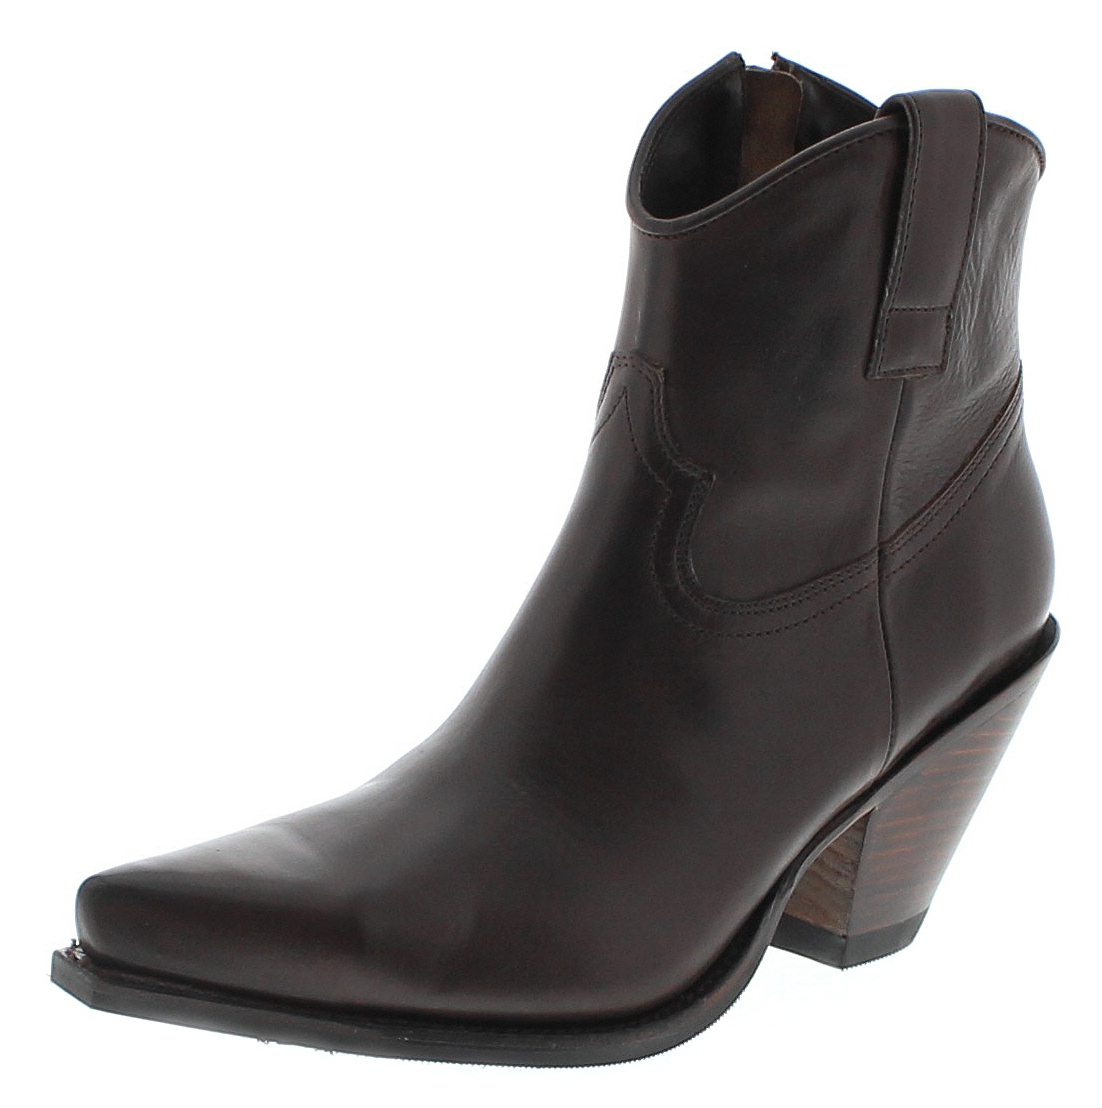 Sendra Boots 15521 Marron Damen Westernstiefelette - braun